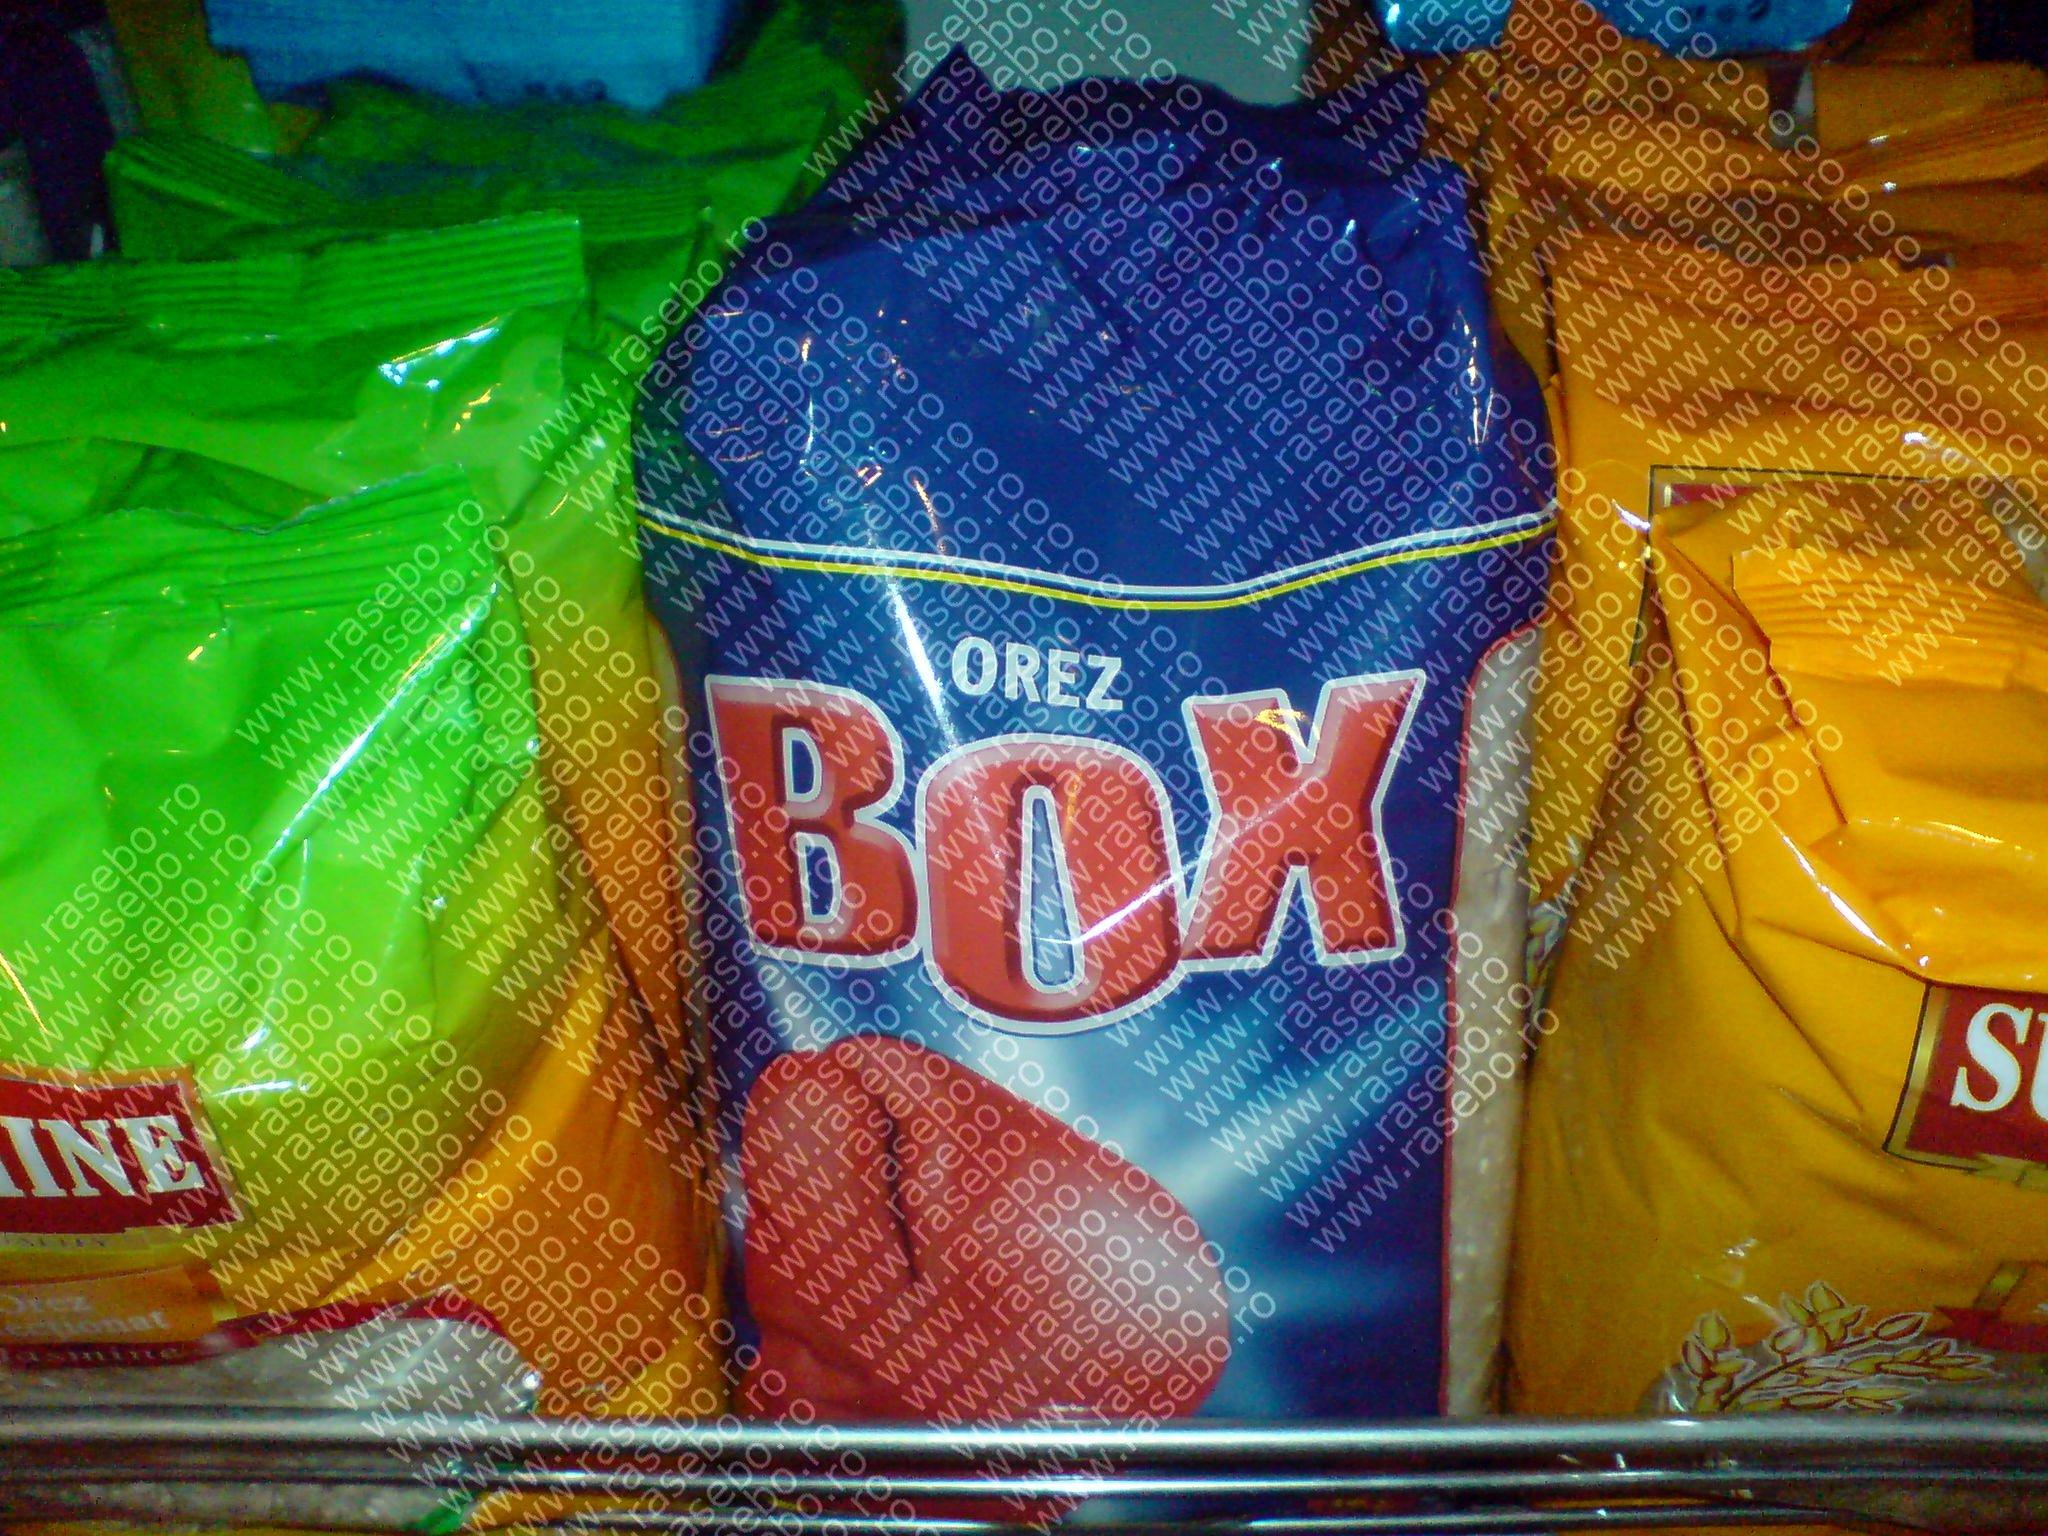 orezbox